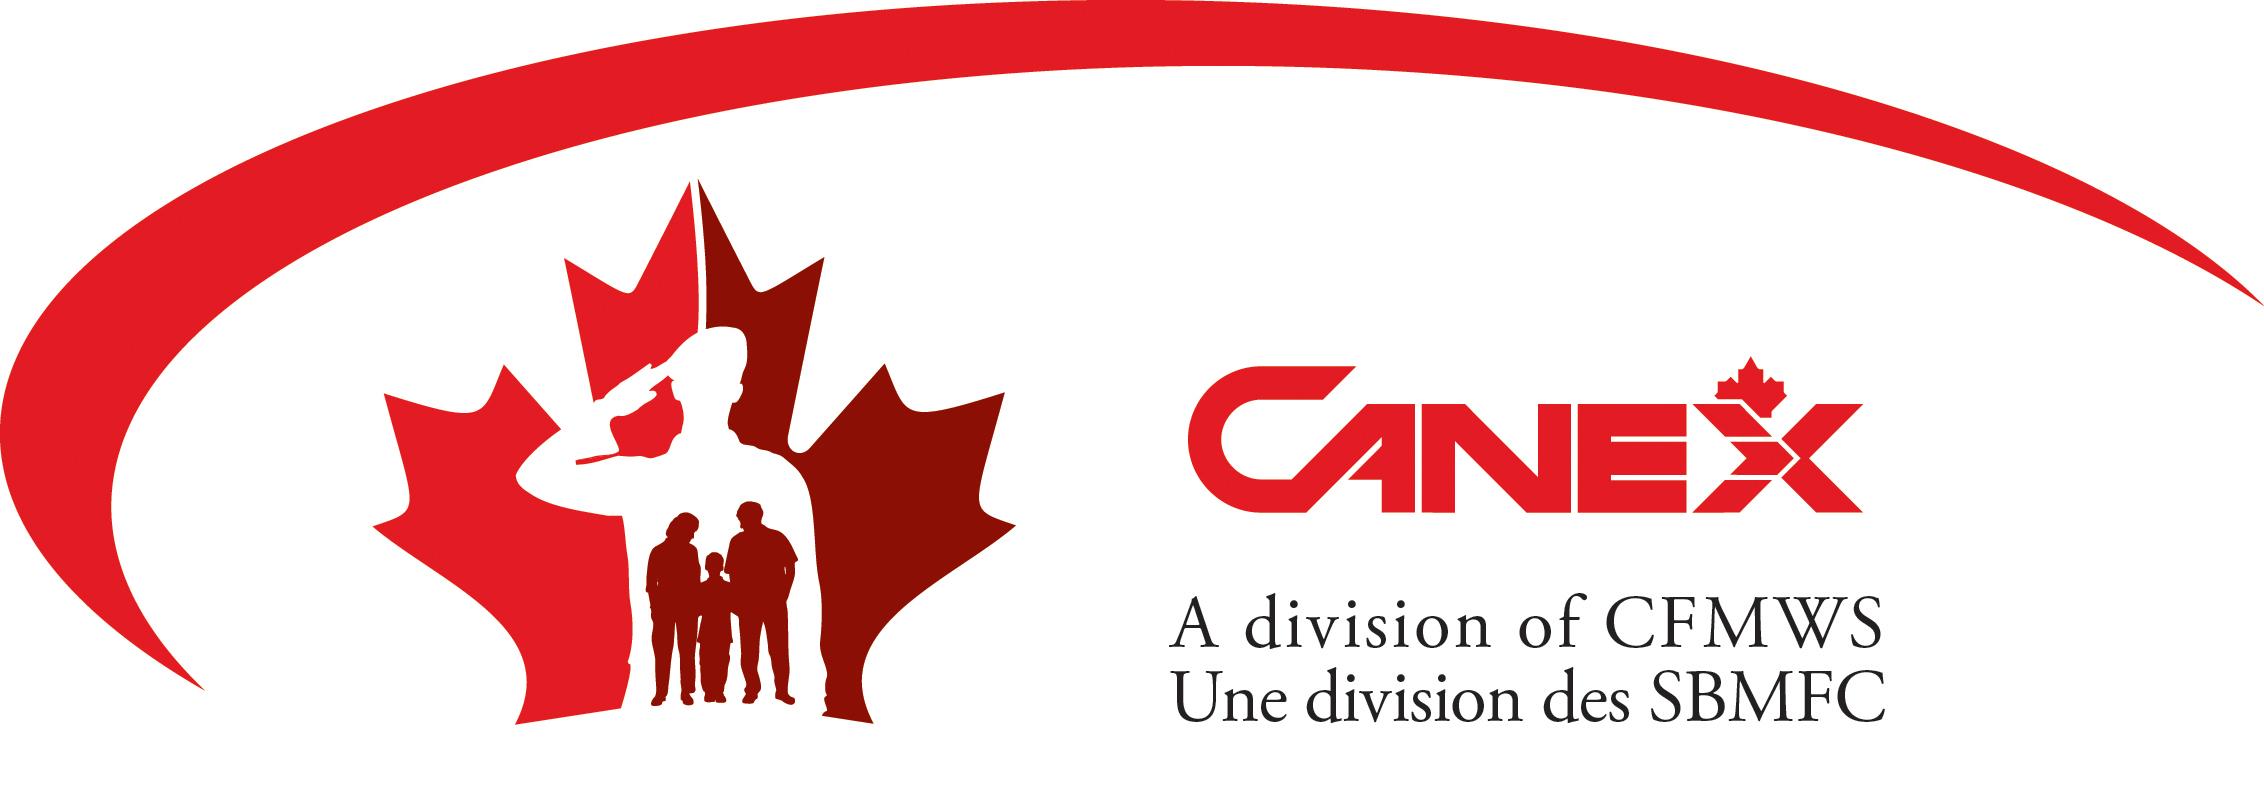 canex-medium-logo-w-acronym.jpg